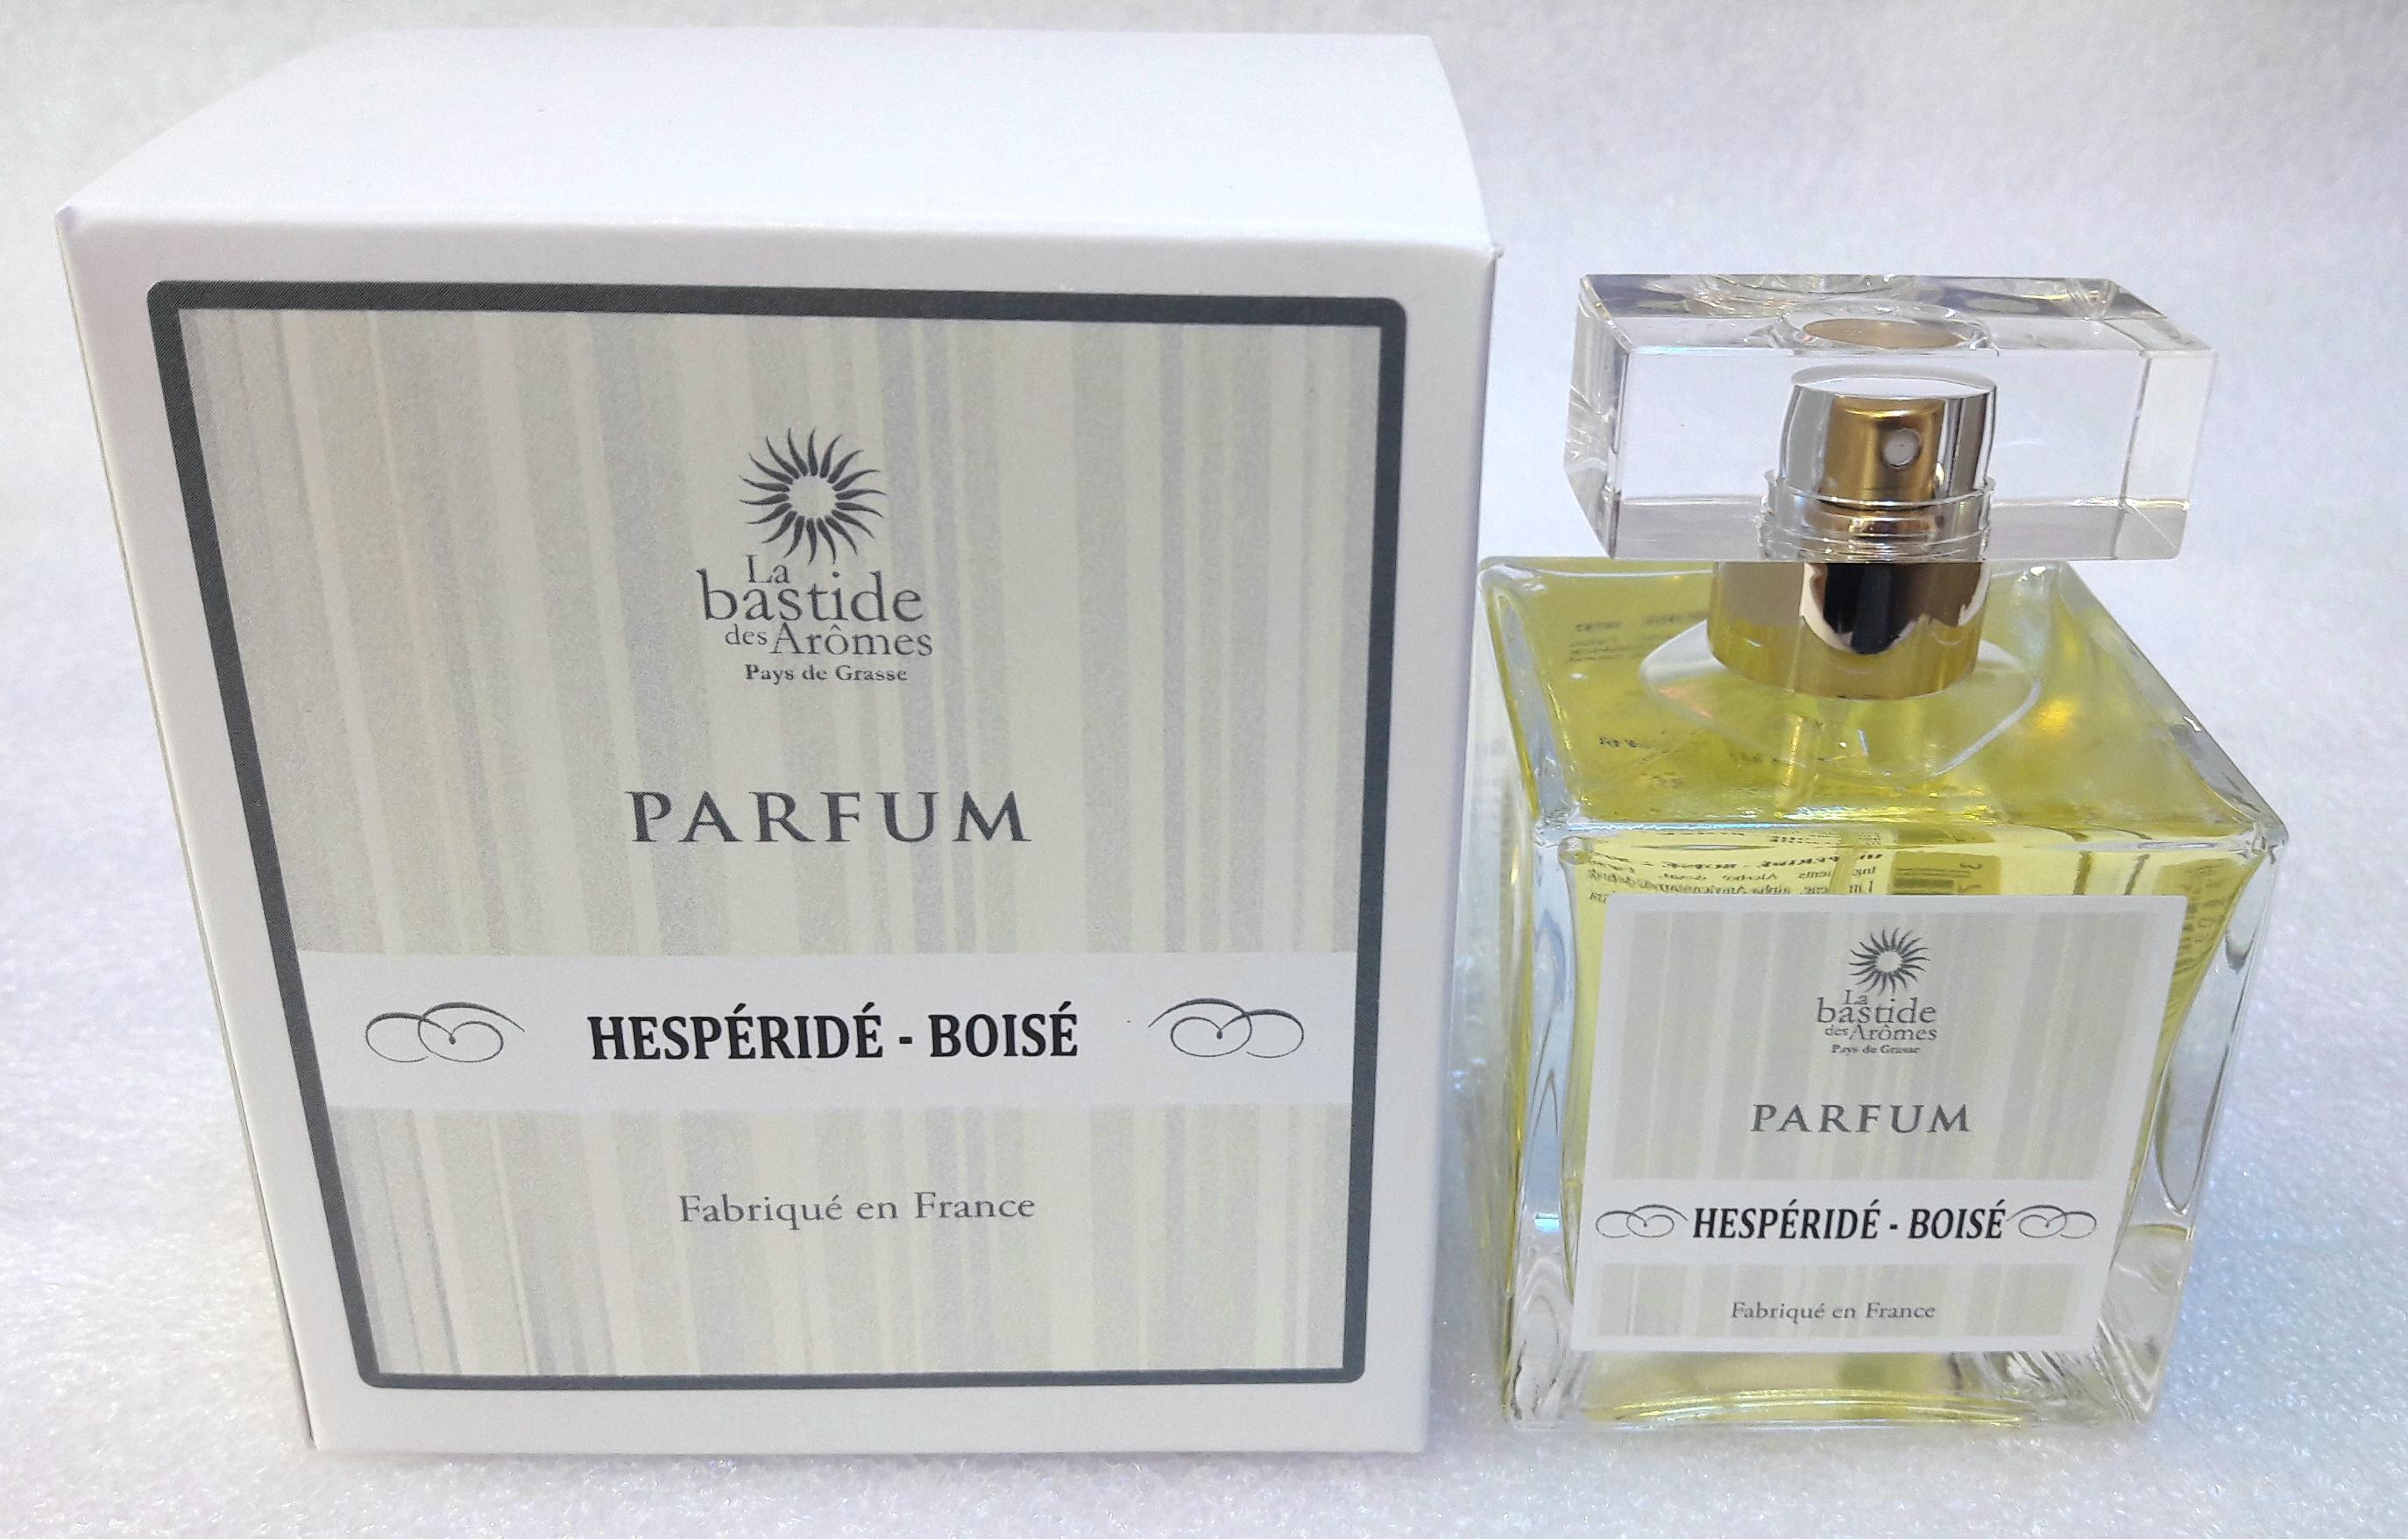 Idellia Au Pour Nonpk8x0w Femmeboutique Parfum Grasse De D'exception n80kZPXNOw